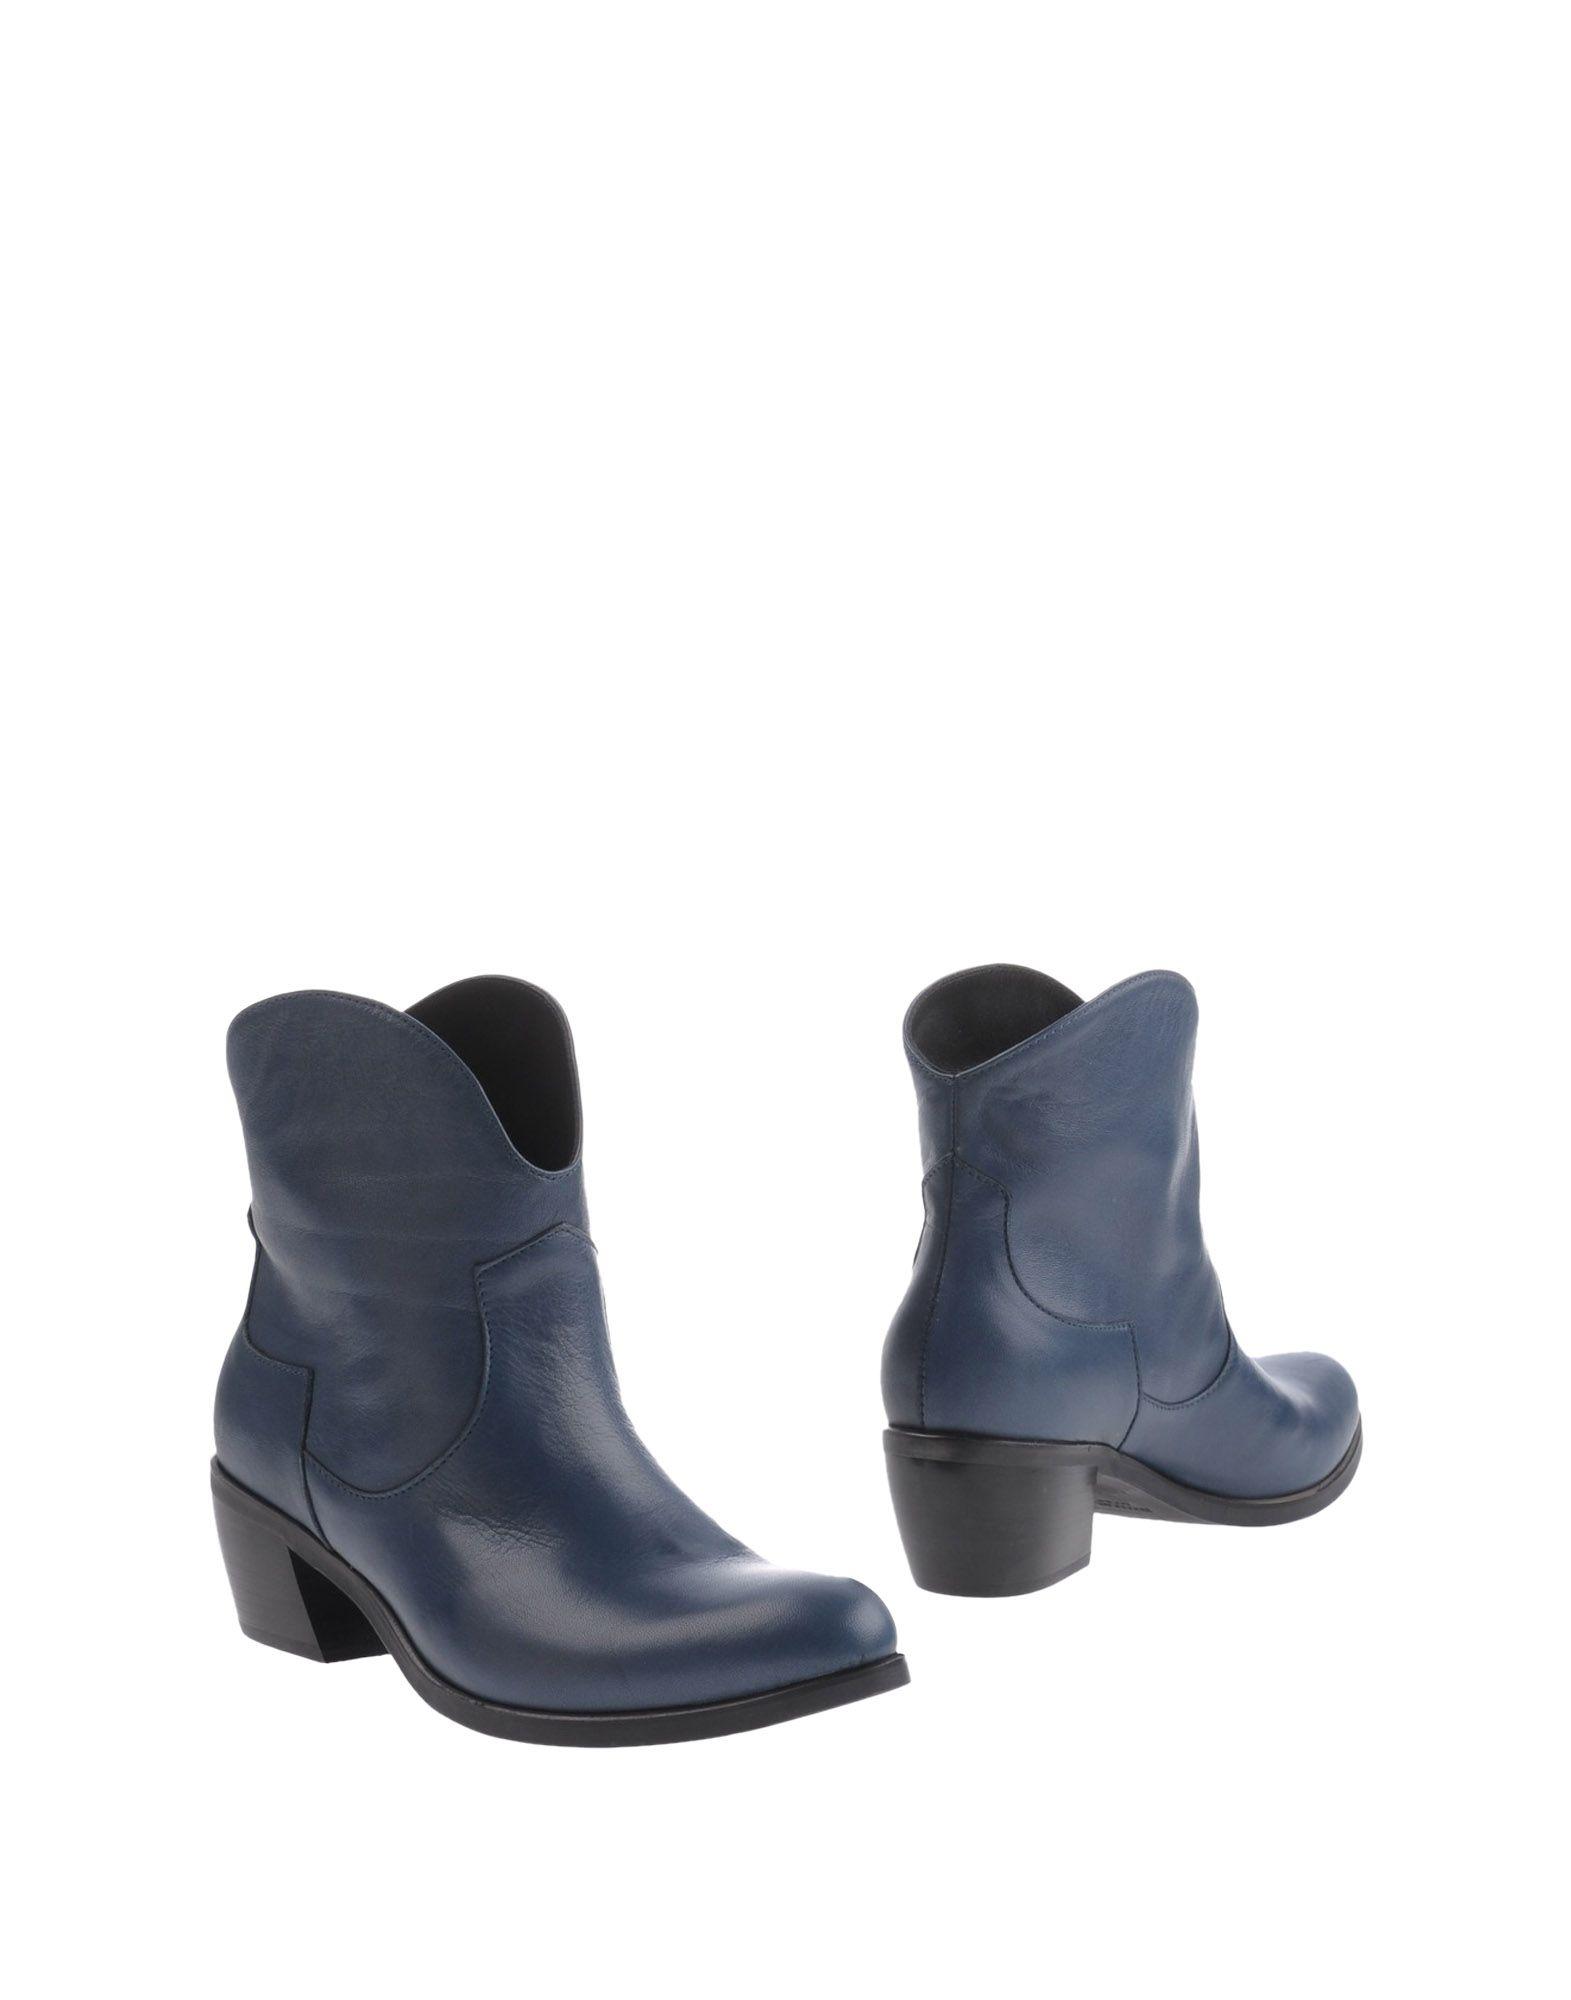 Emanuela Passeri Stiefelette Damen  11219175PN Gute Qualität beliebte Schuhe